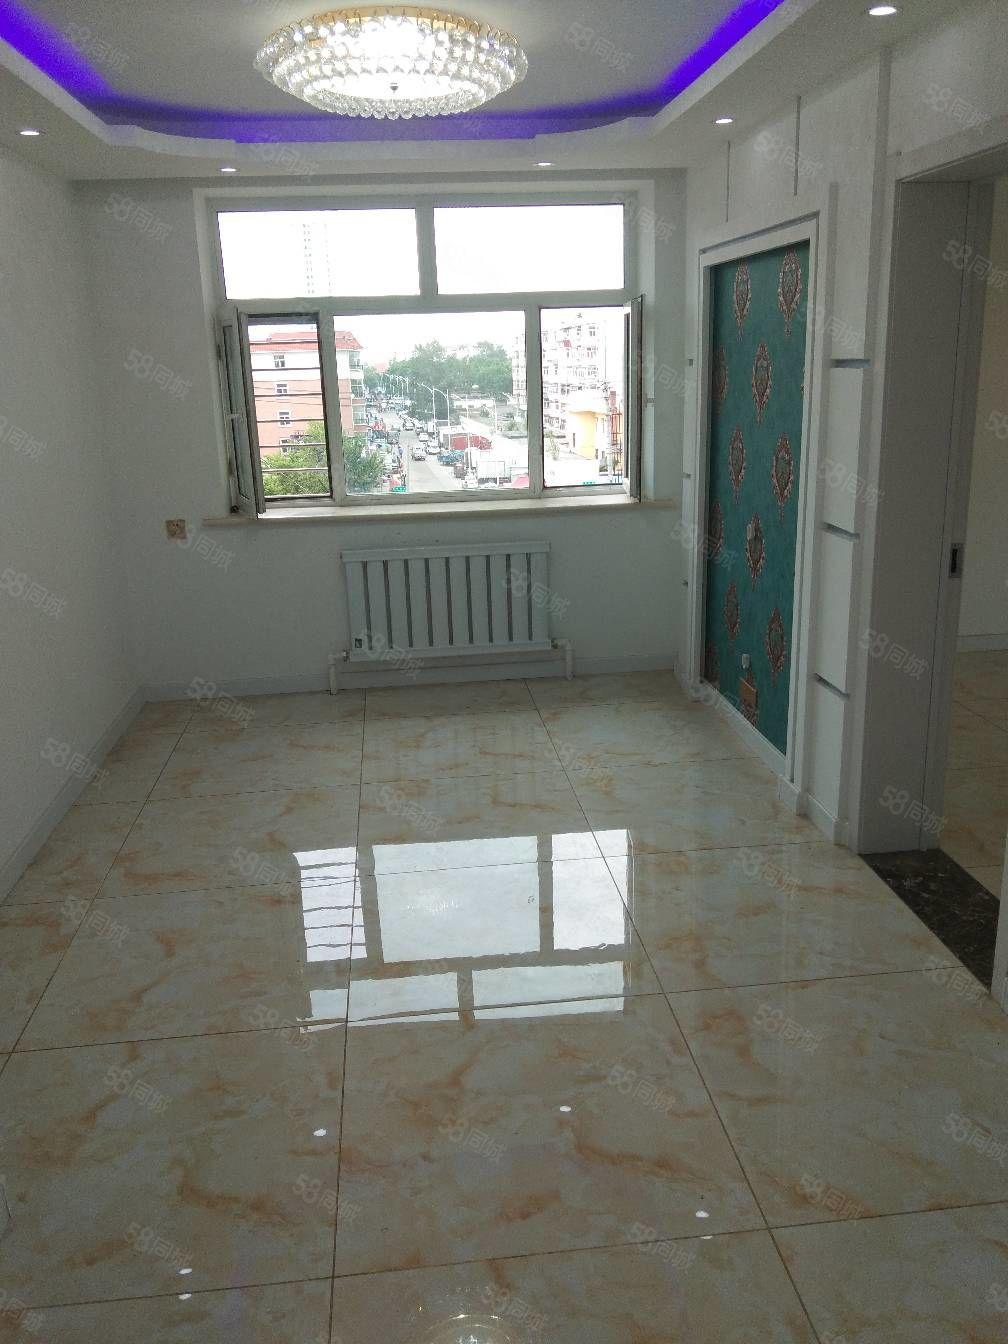 嘉禾国际正五,楼精装修,南北通透面积71.5平售价39.5万